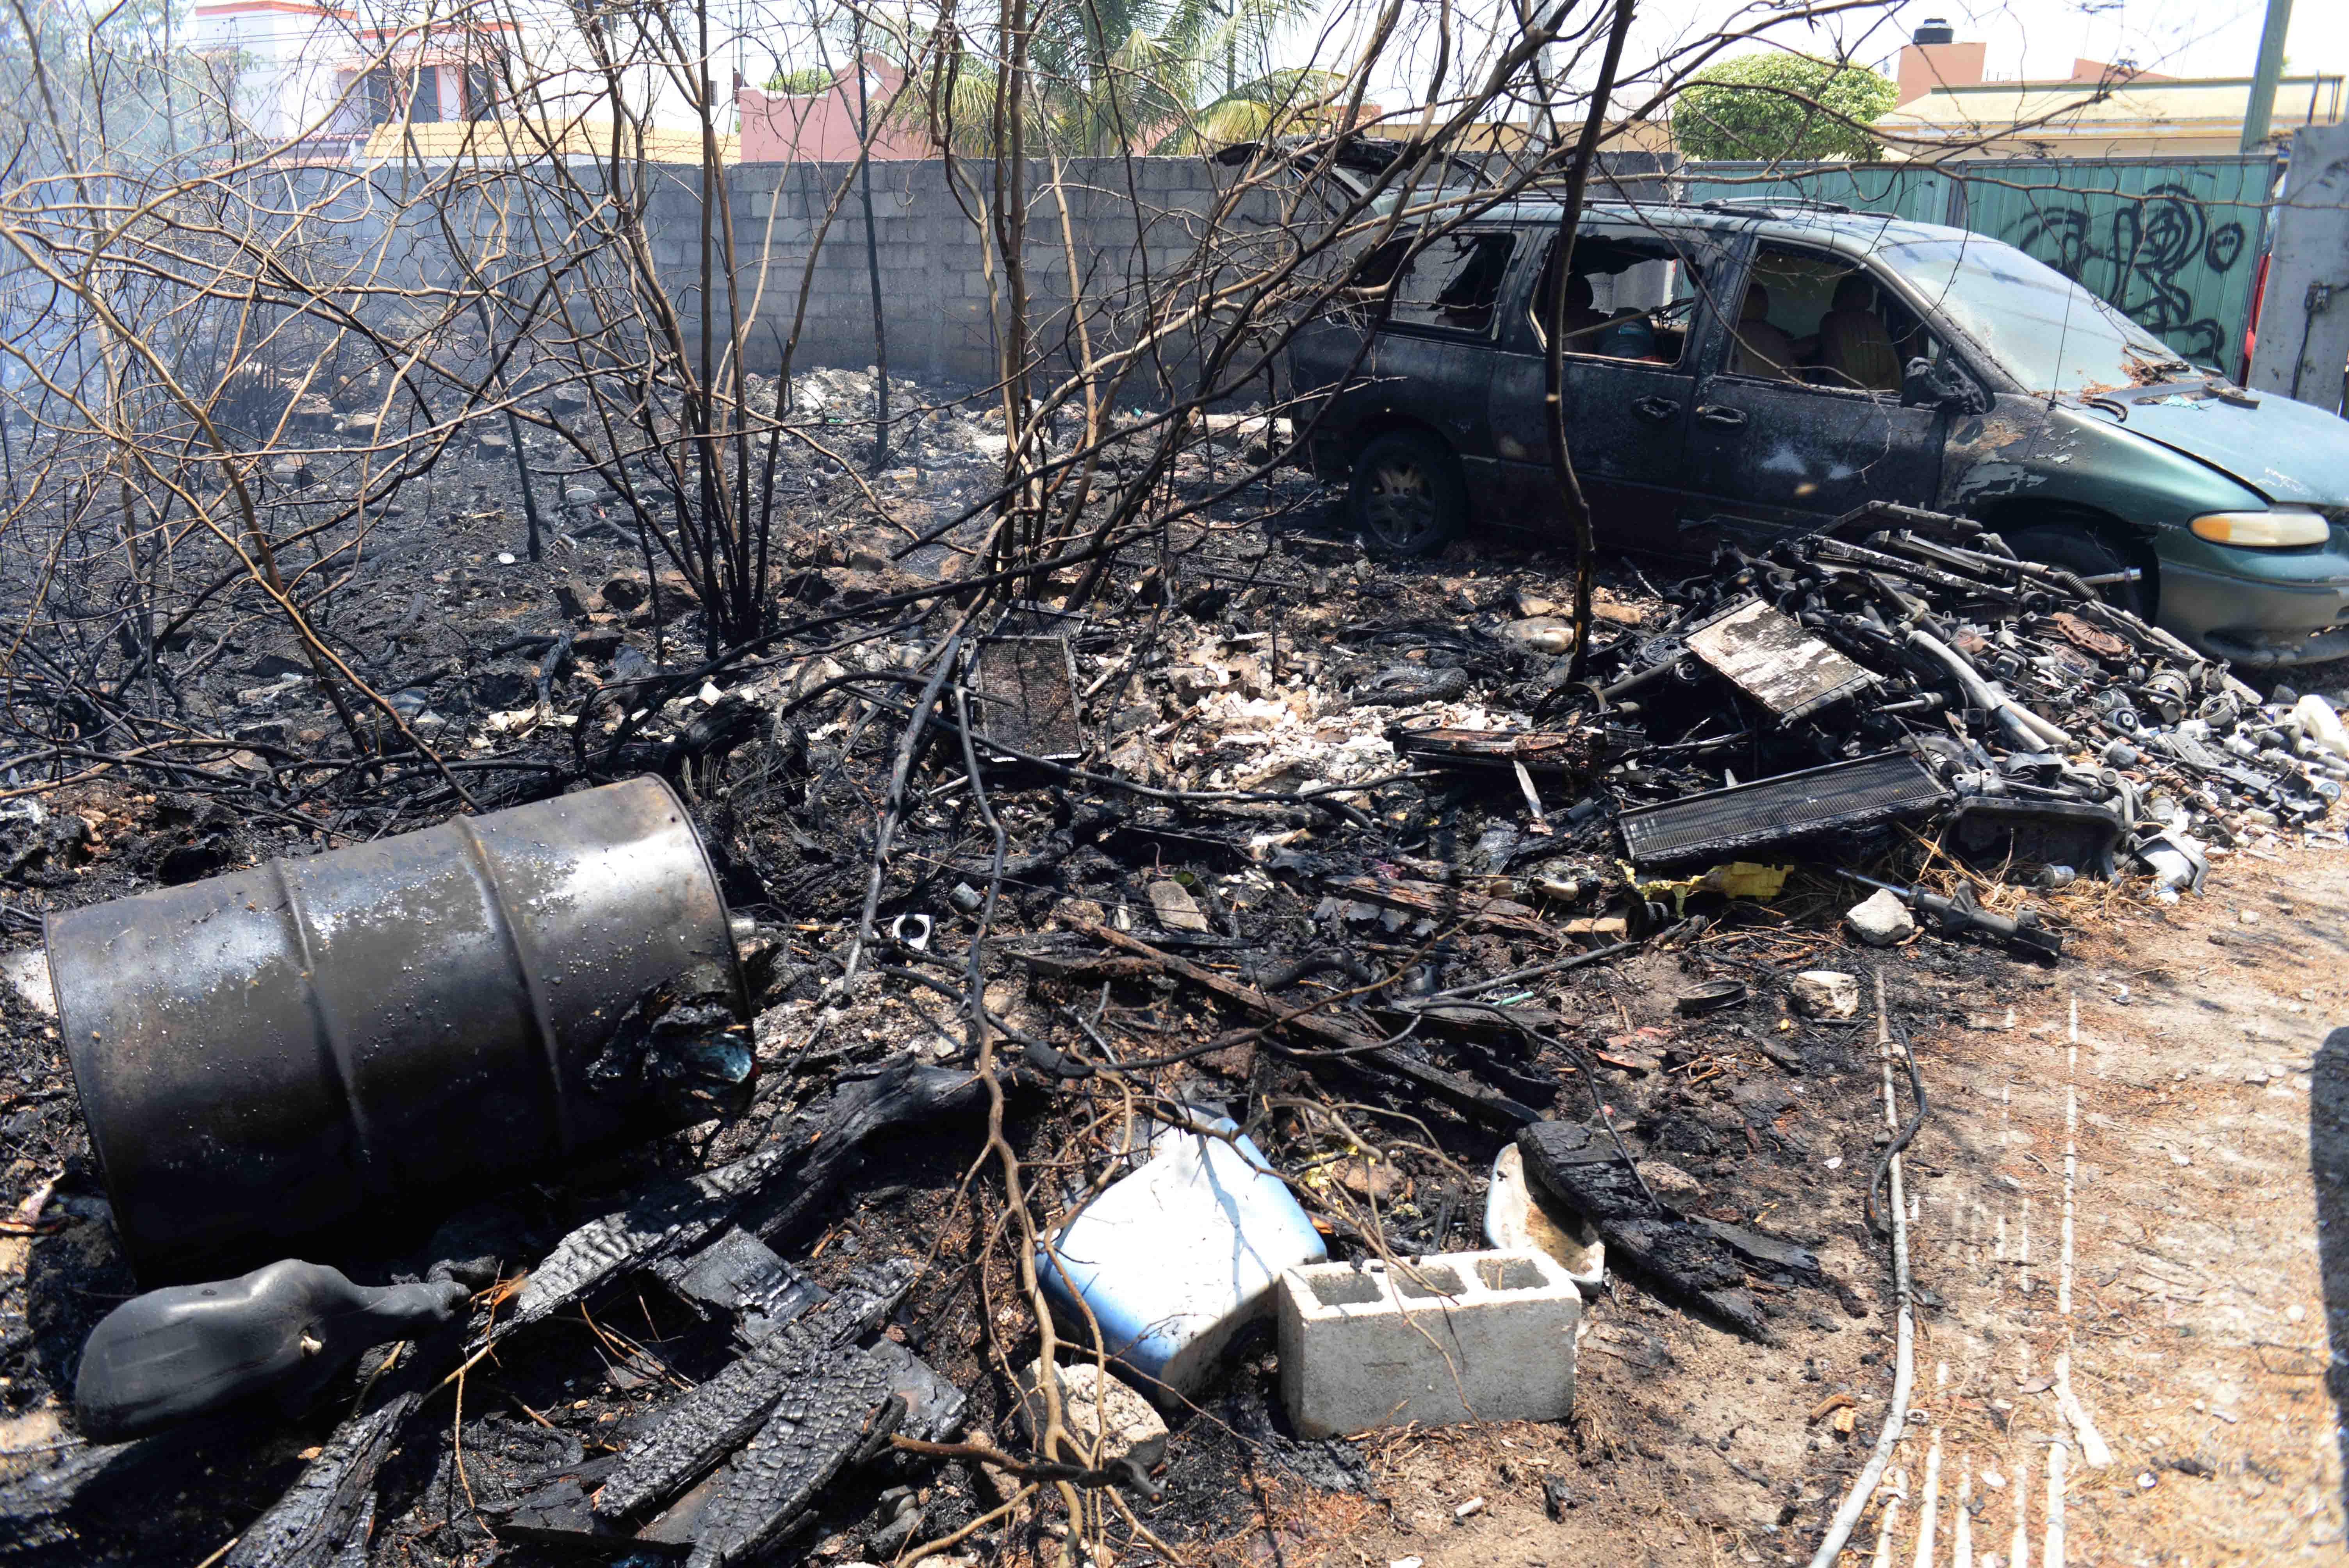 Incendio en terreno baldío consume dos automotores